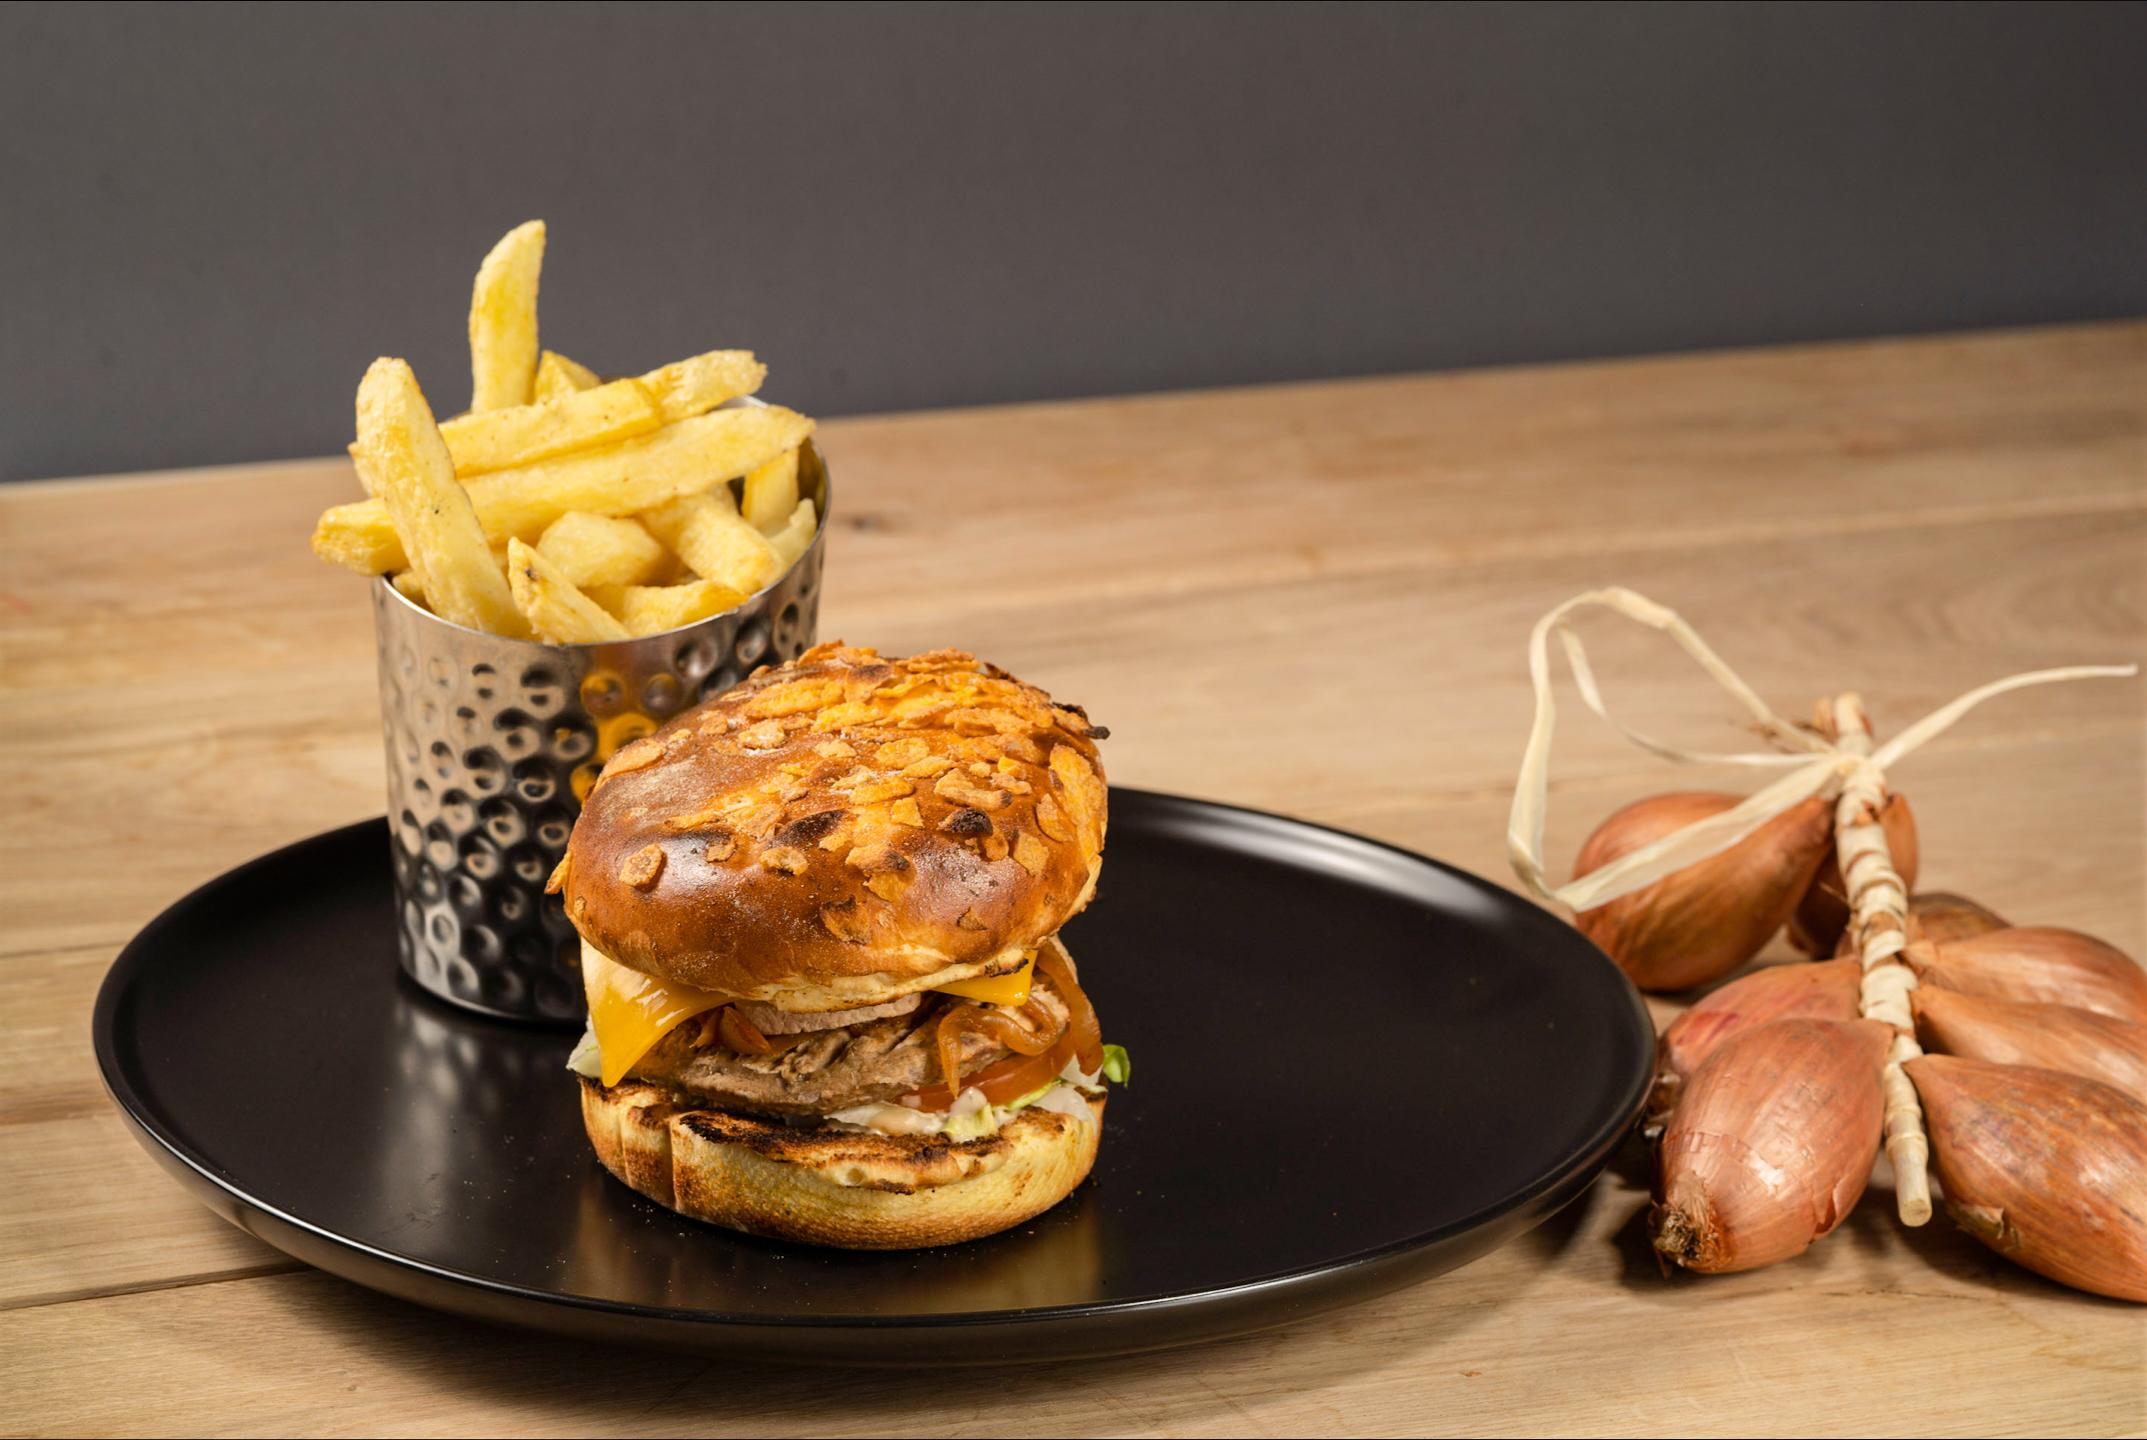 Les burgers végétariens de Be Burger : le durable à la carte